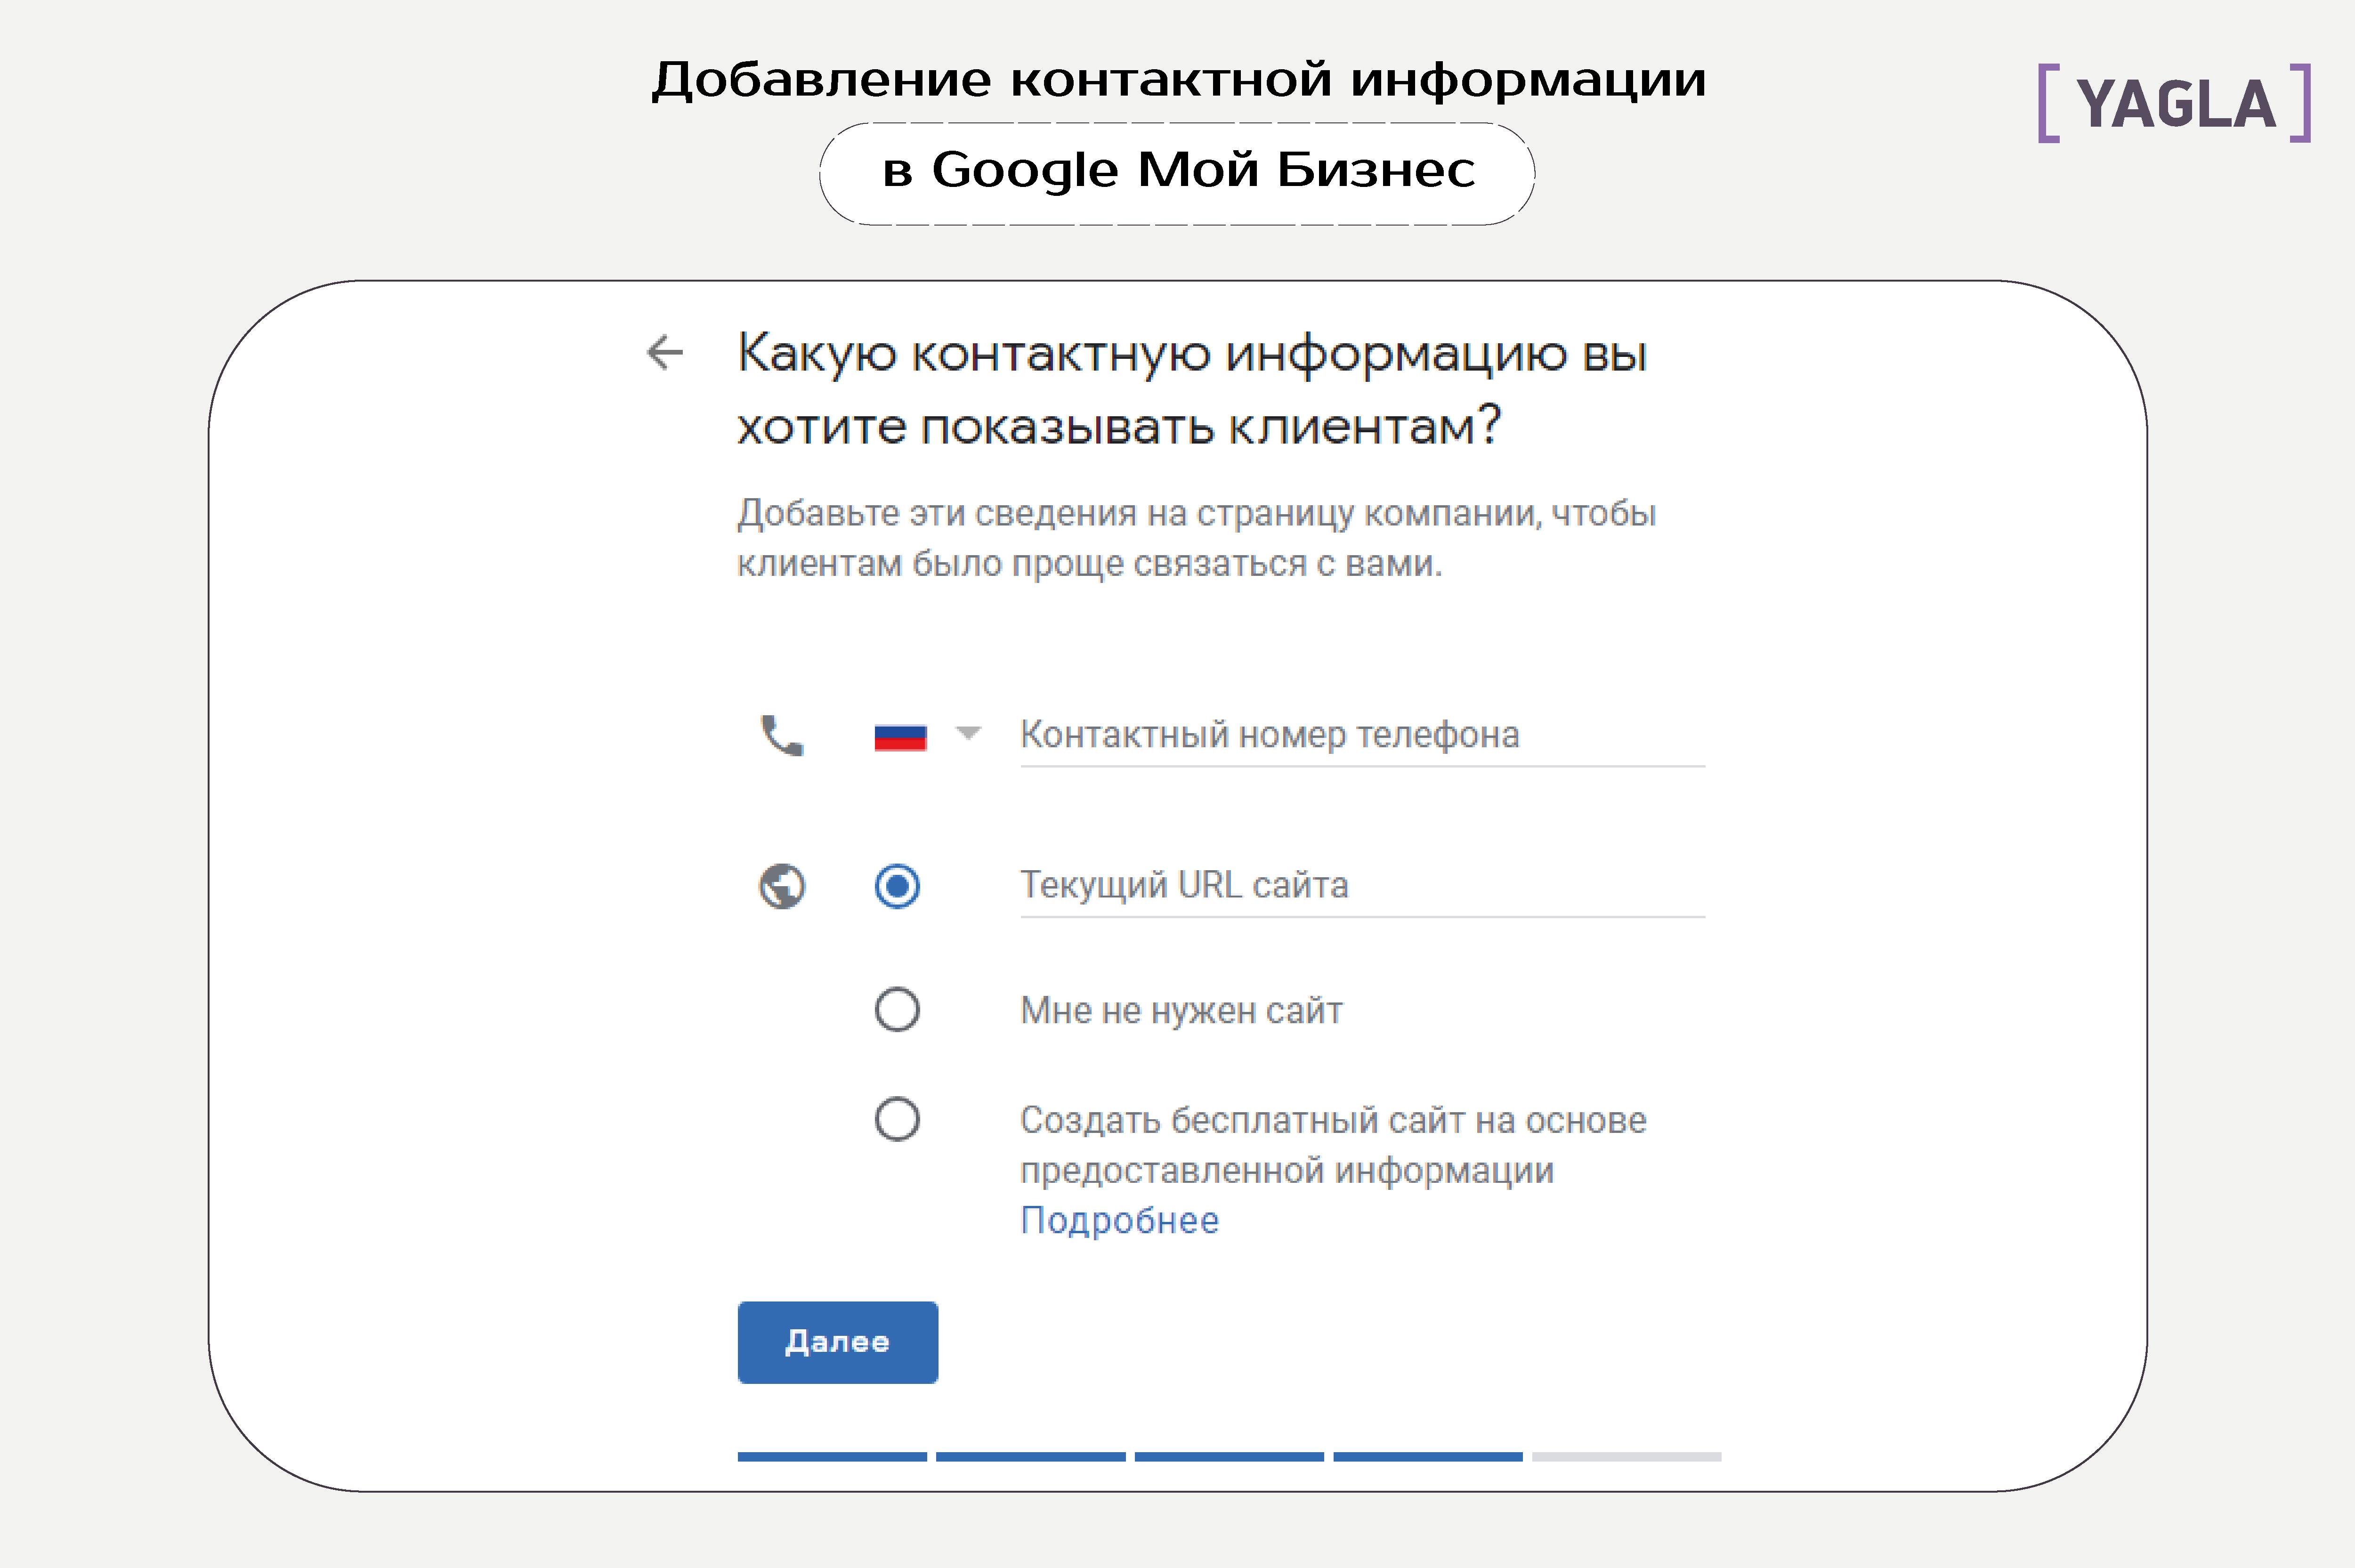 Добавление контактной информации в Google Мой Бизнес